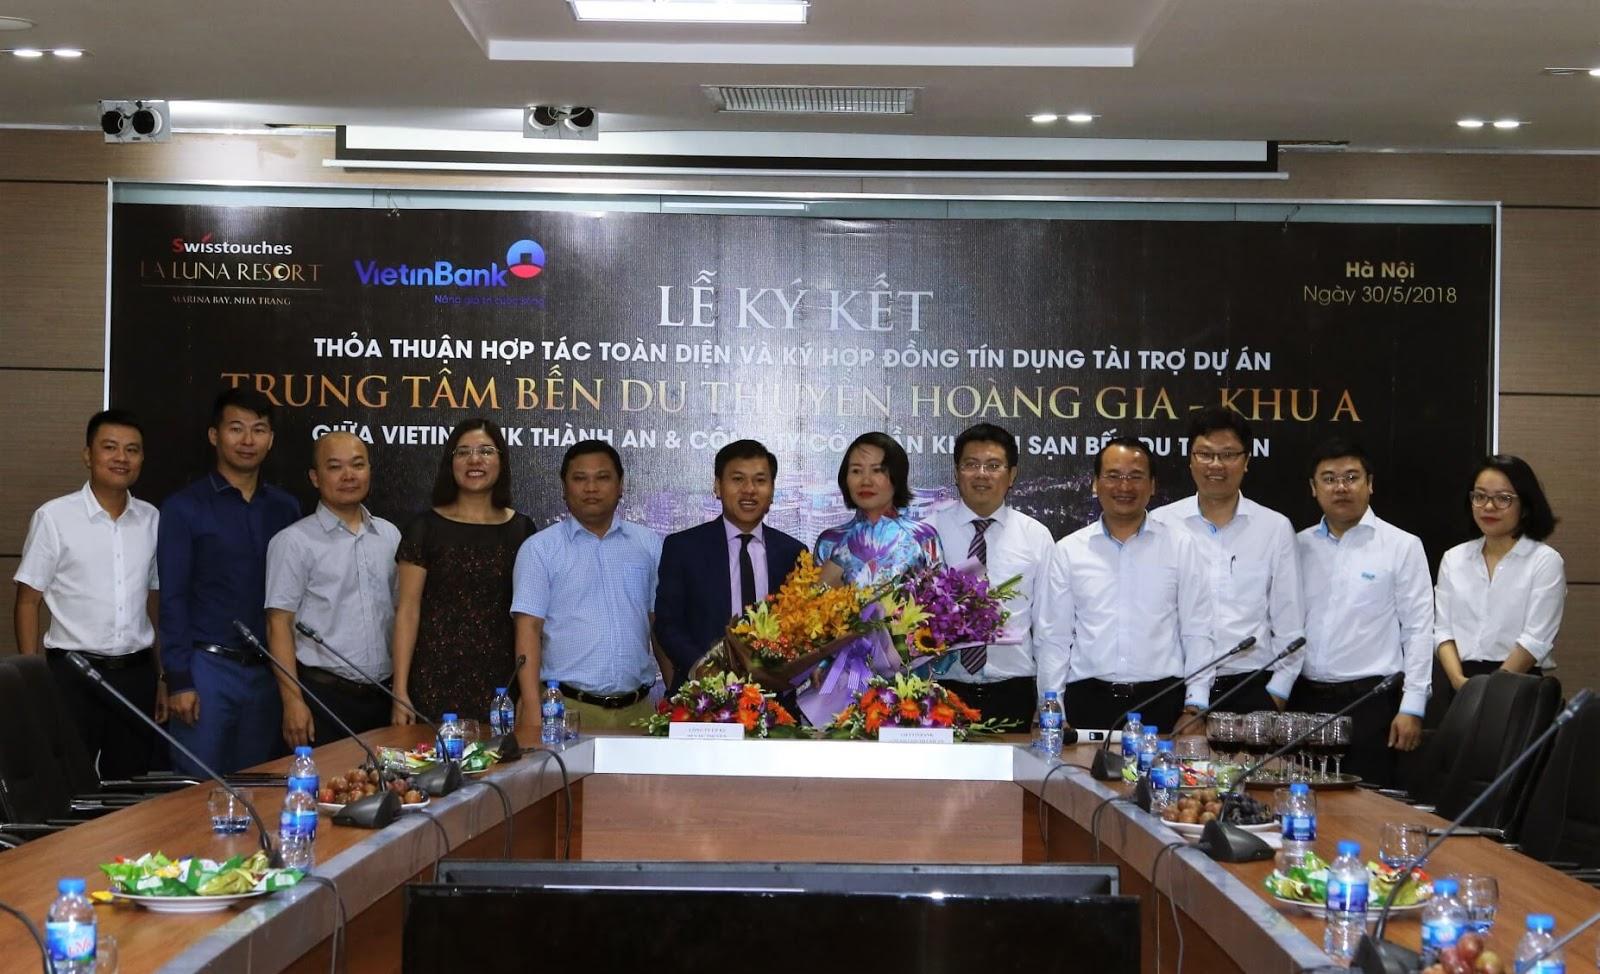 Lễ ký kết tài trợ vốn giữa Vietinbank và Marina Hotel